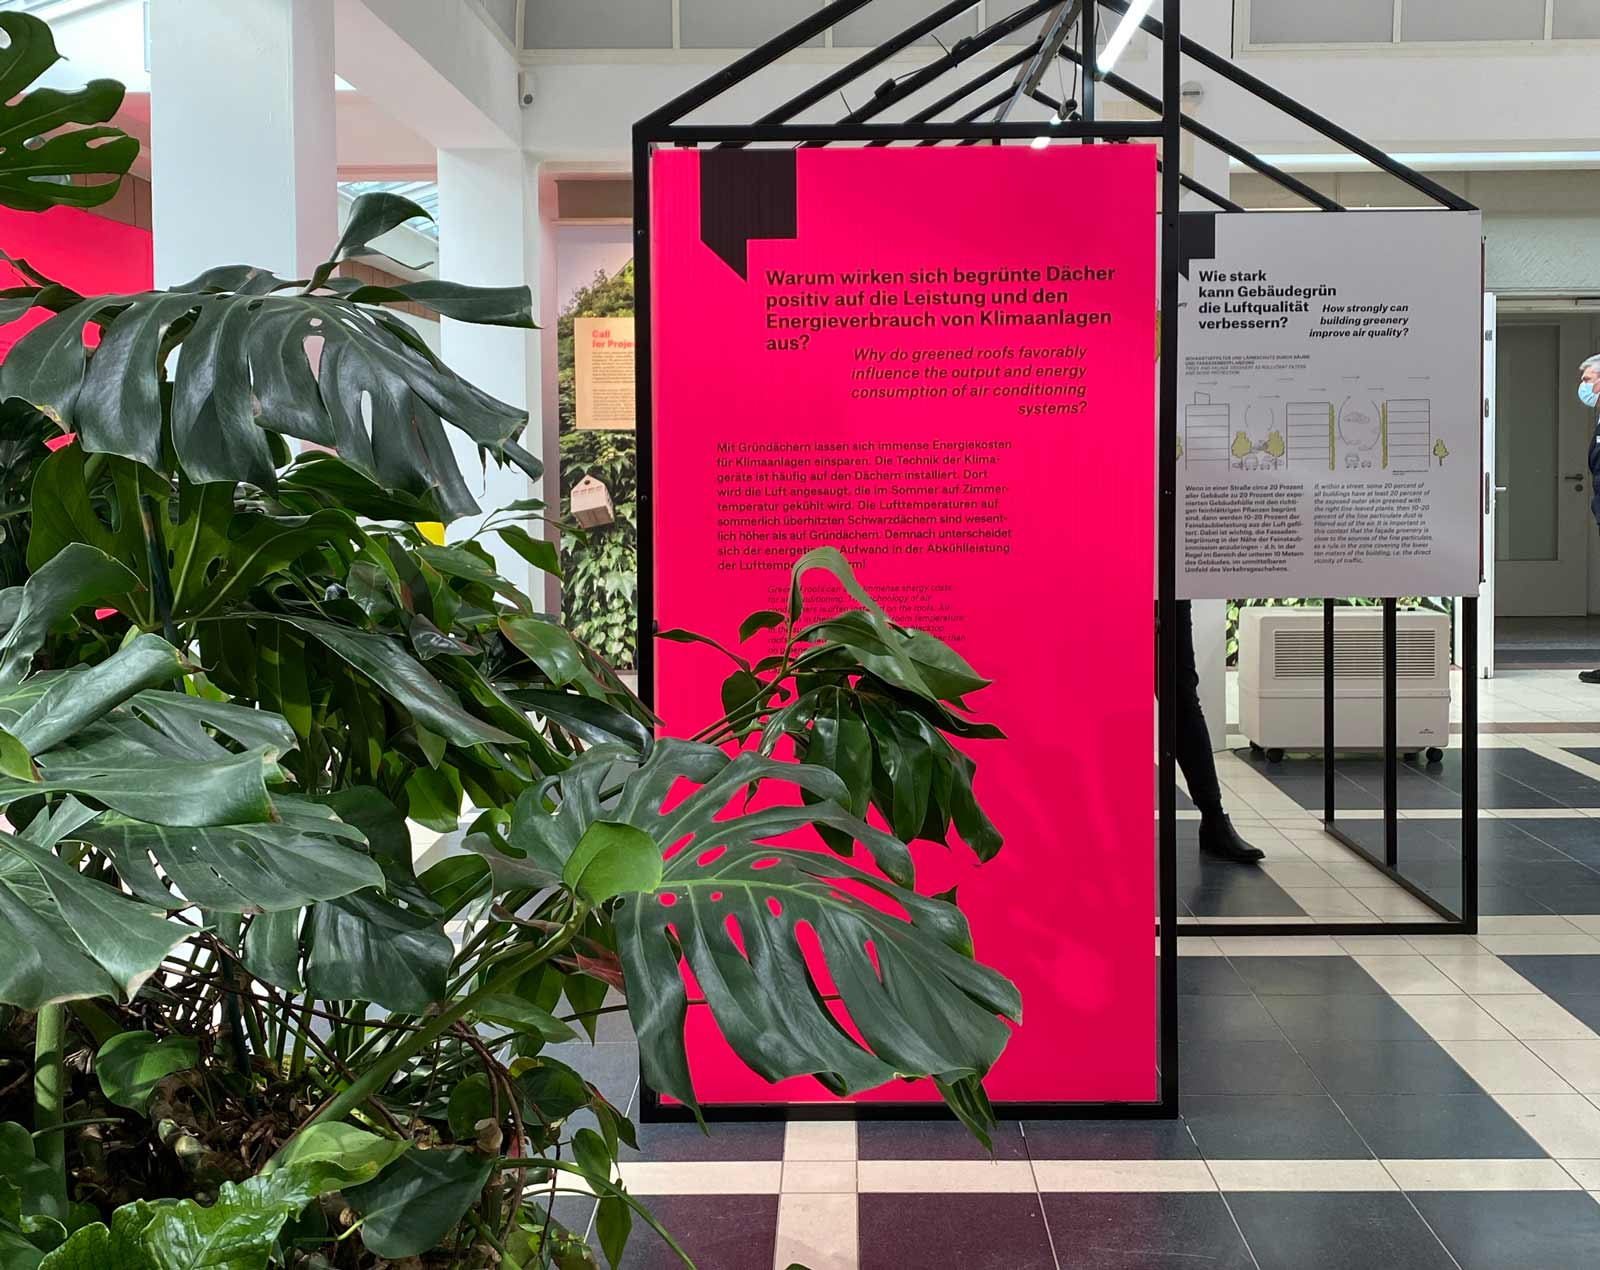 farbenfrohe Ausstellungswand